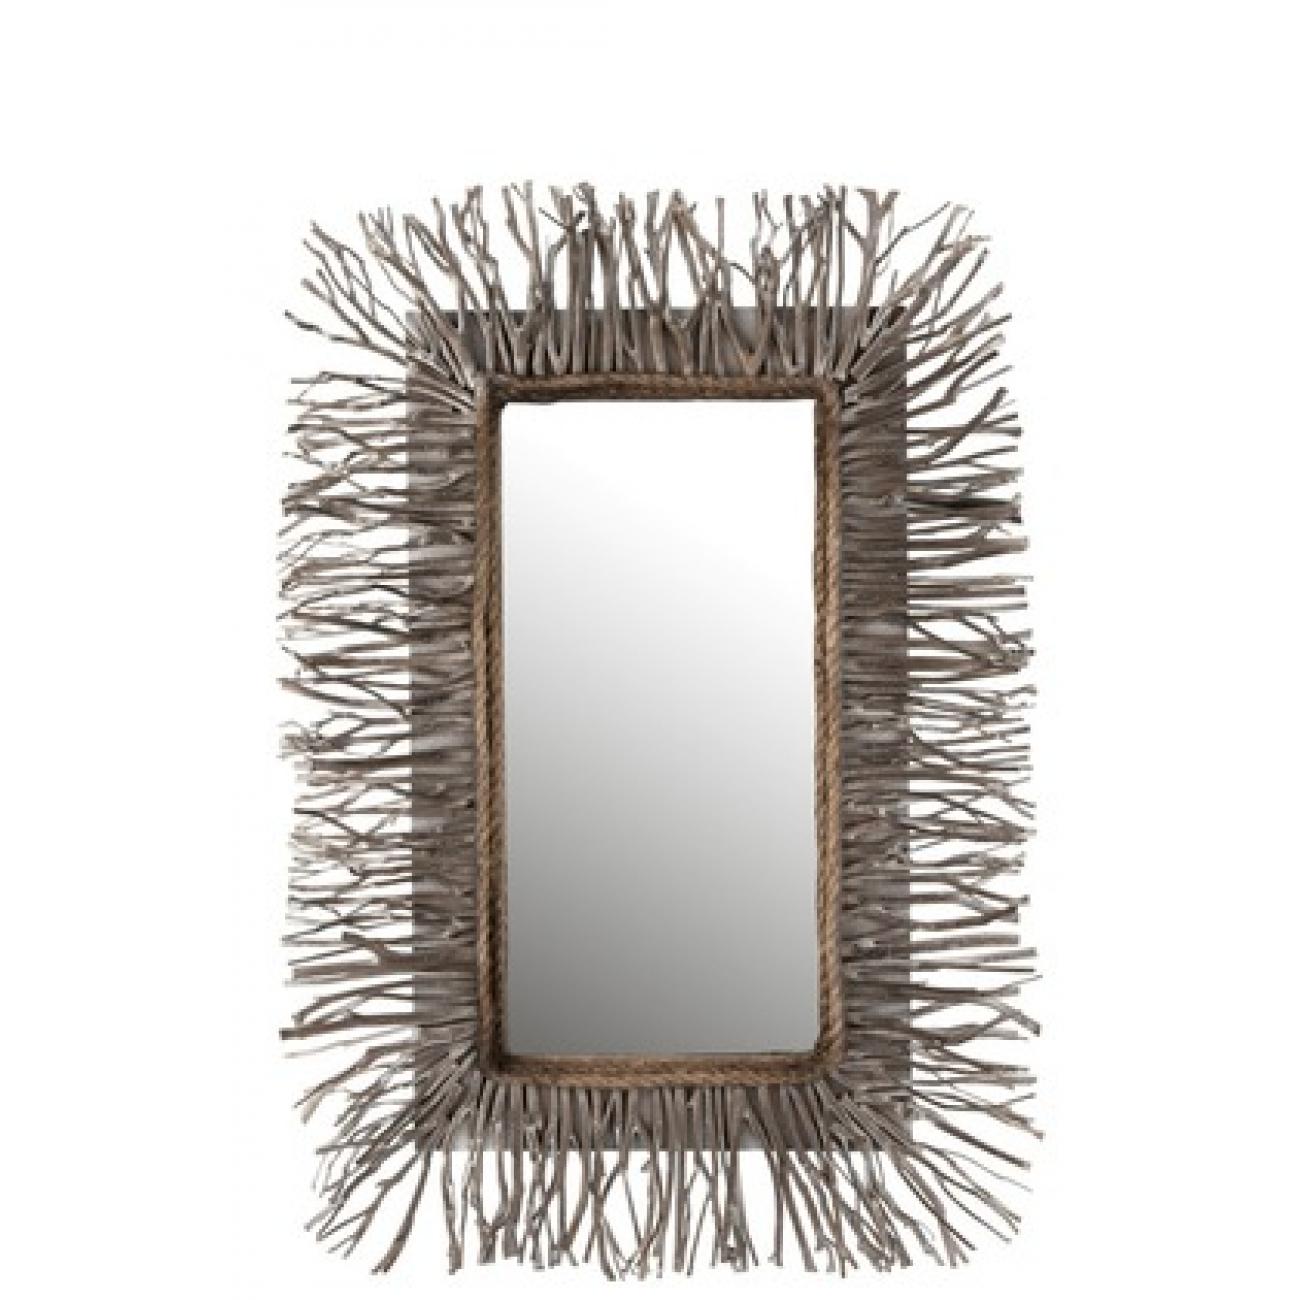 Прямоугольное настенное зеркало J-LINE в деревянной раме с элементами из натурального дерева 67х95 см Бельгия